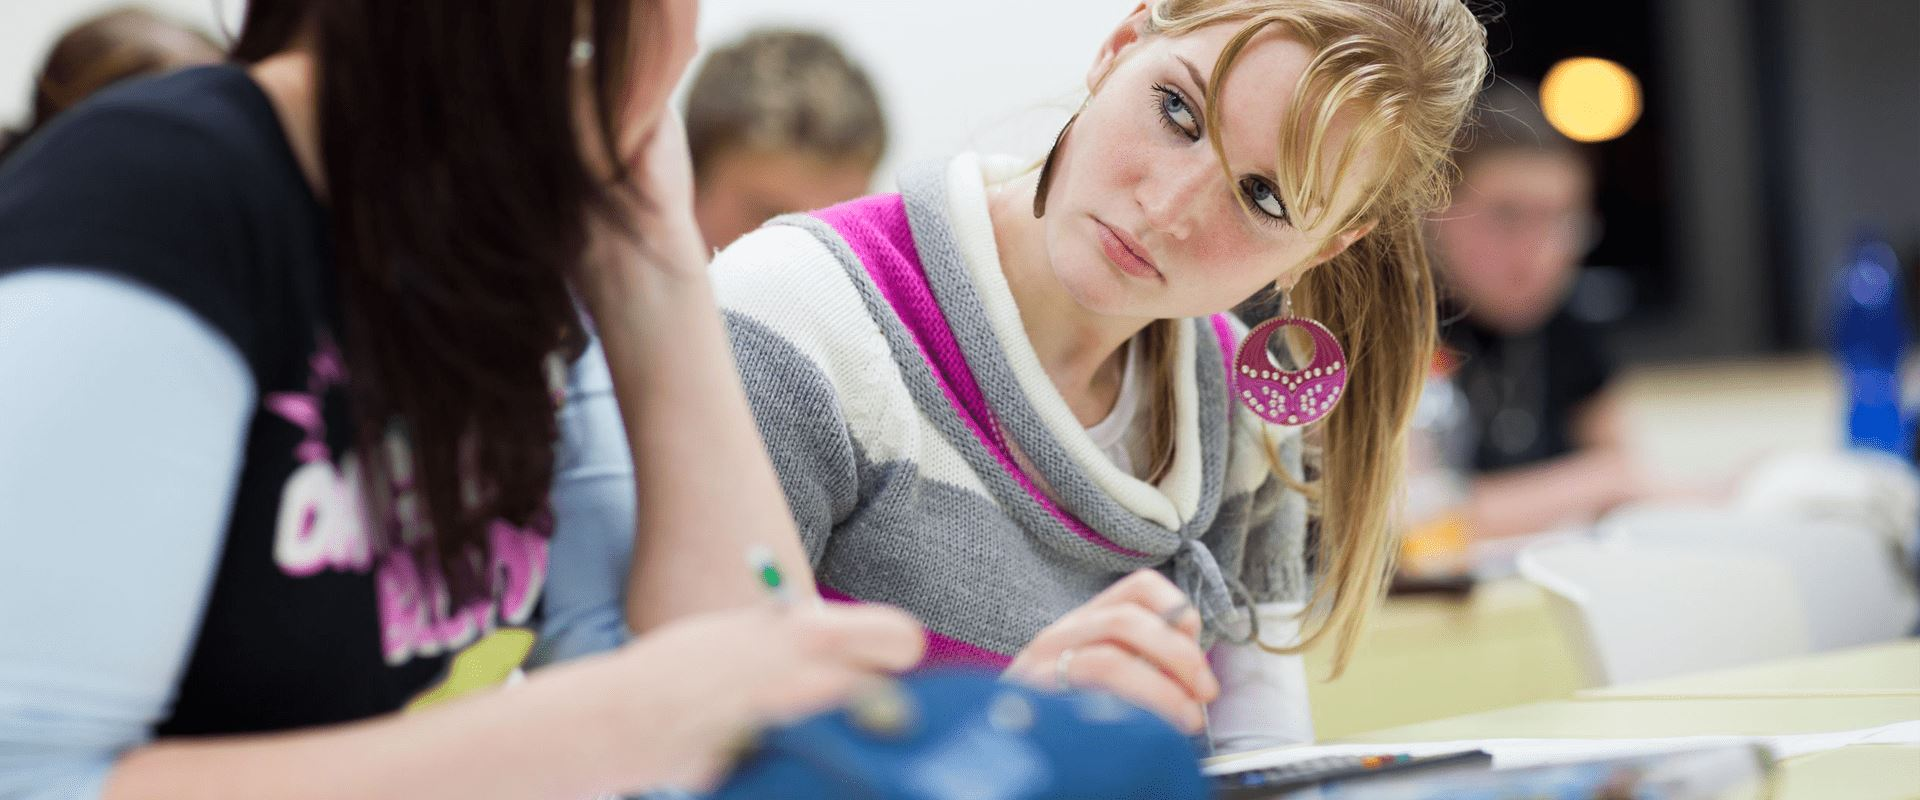 Διαμορφώνουμε τα τμήματα με βάση τη προσωπικότητα του μαθητή